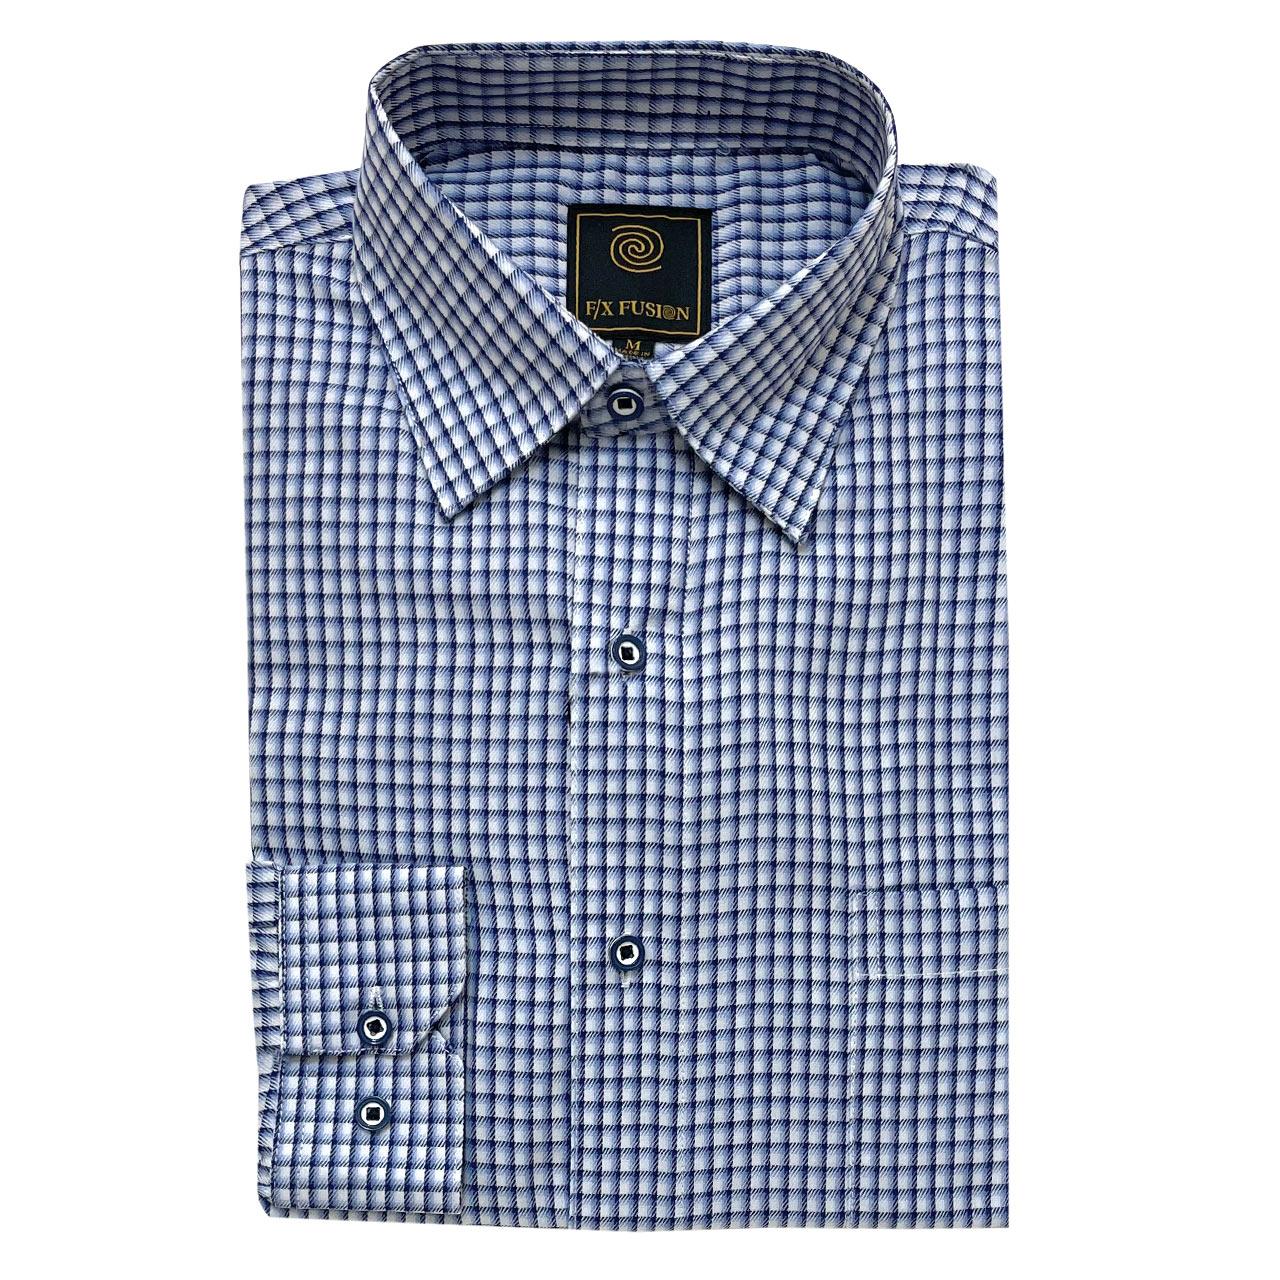 Men's F/X Fusion Long Sleeve Broken Gingham Wrinkle Resistant Woven Sport Shirt #D1504, Navy/White